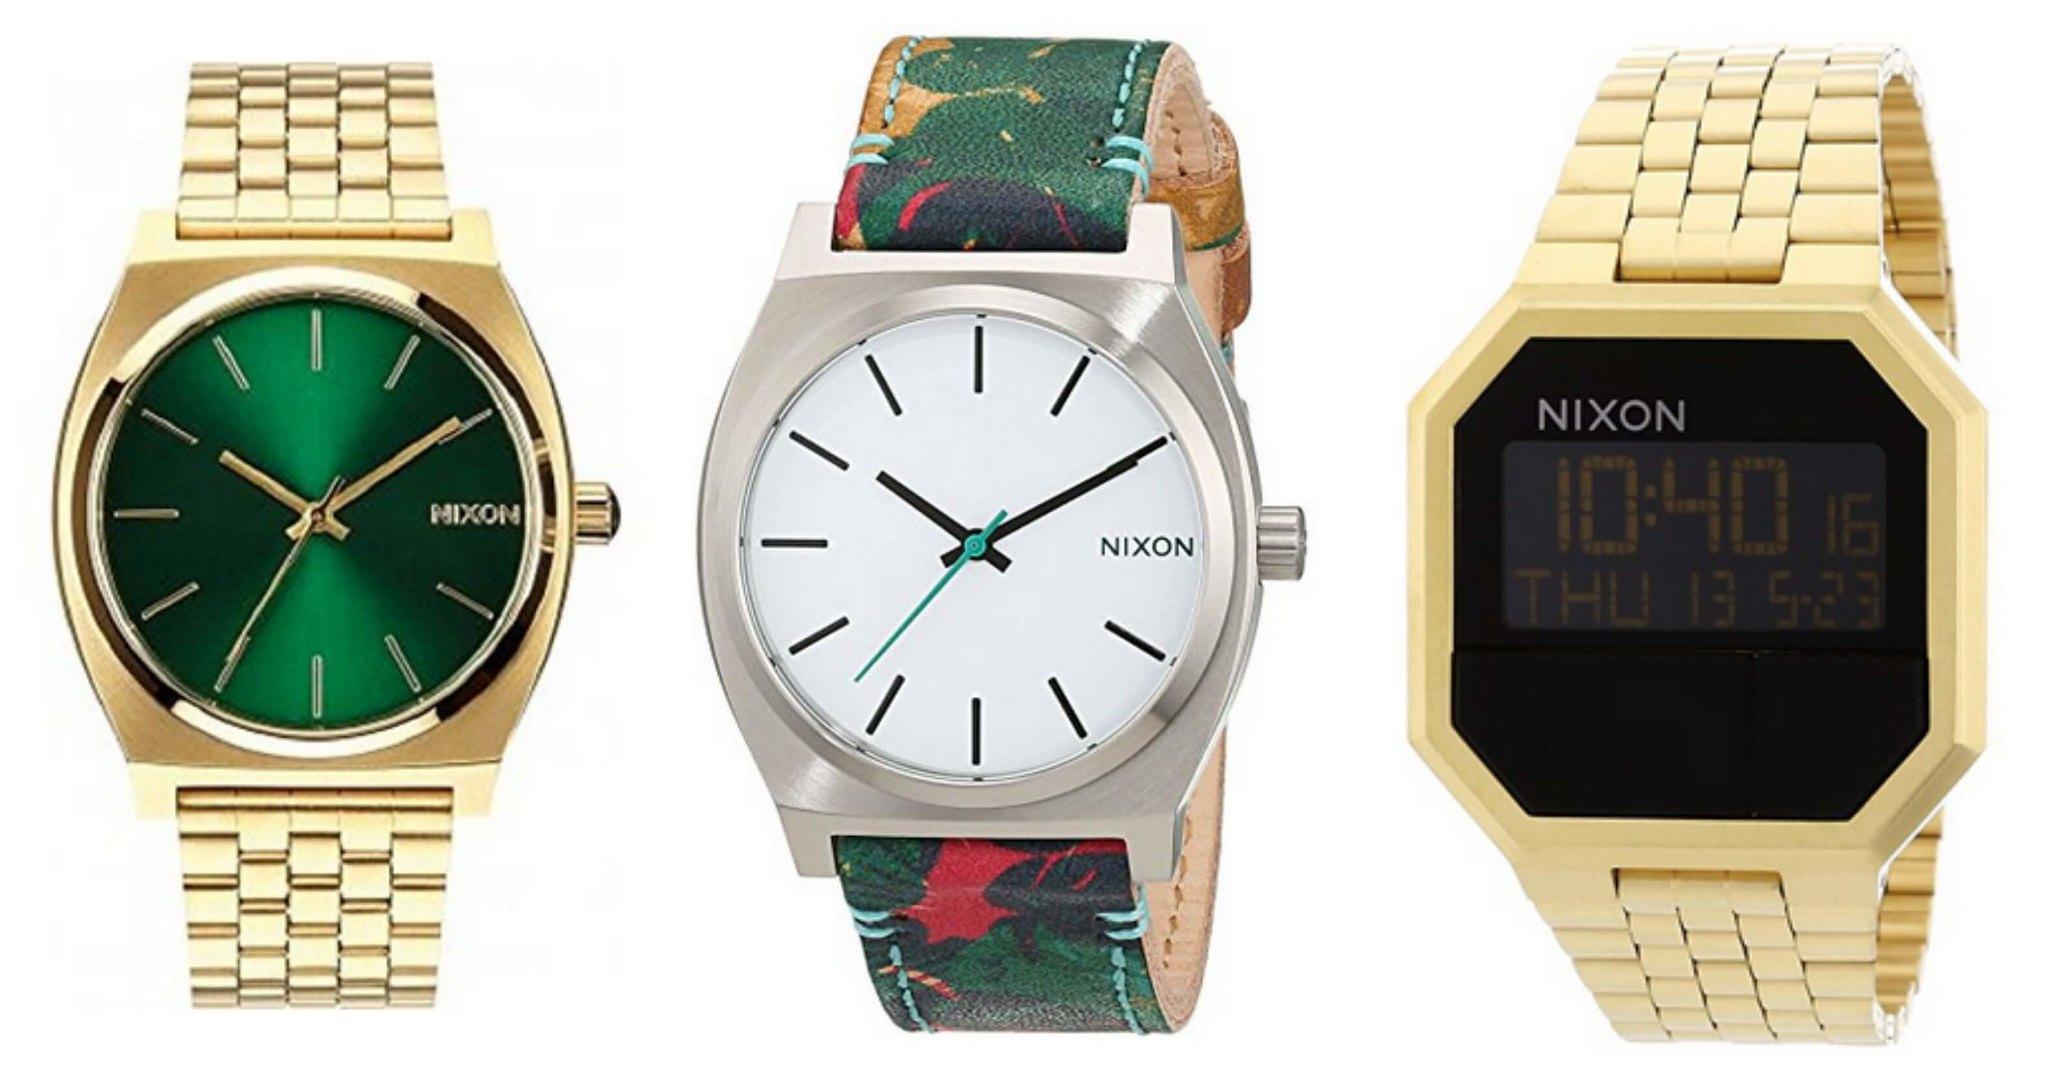 mejores relojes nixon para hombres y mujeres